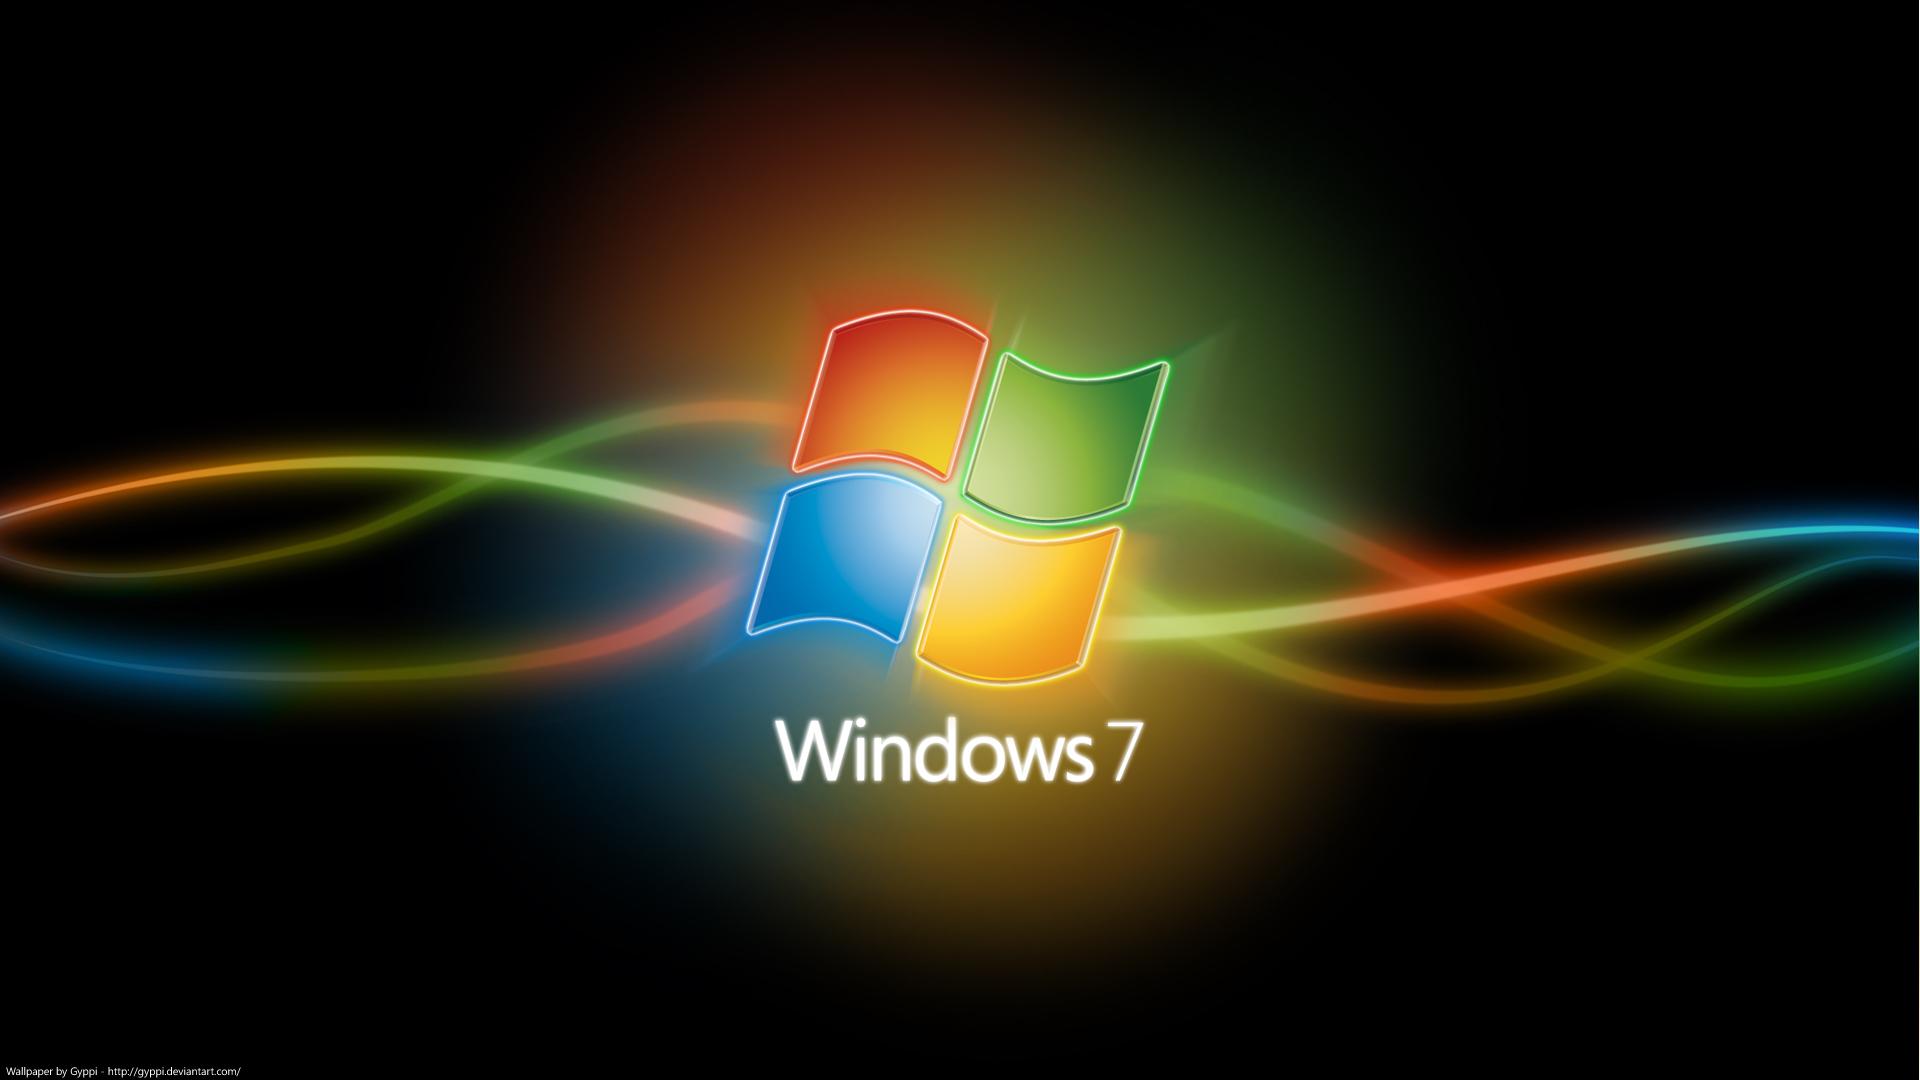 windows 7 wallpapers desktop win 7 background colors 1920x1080